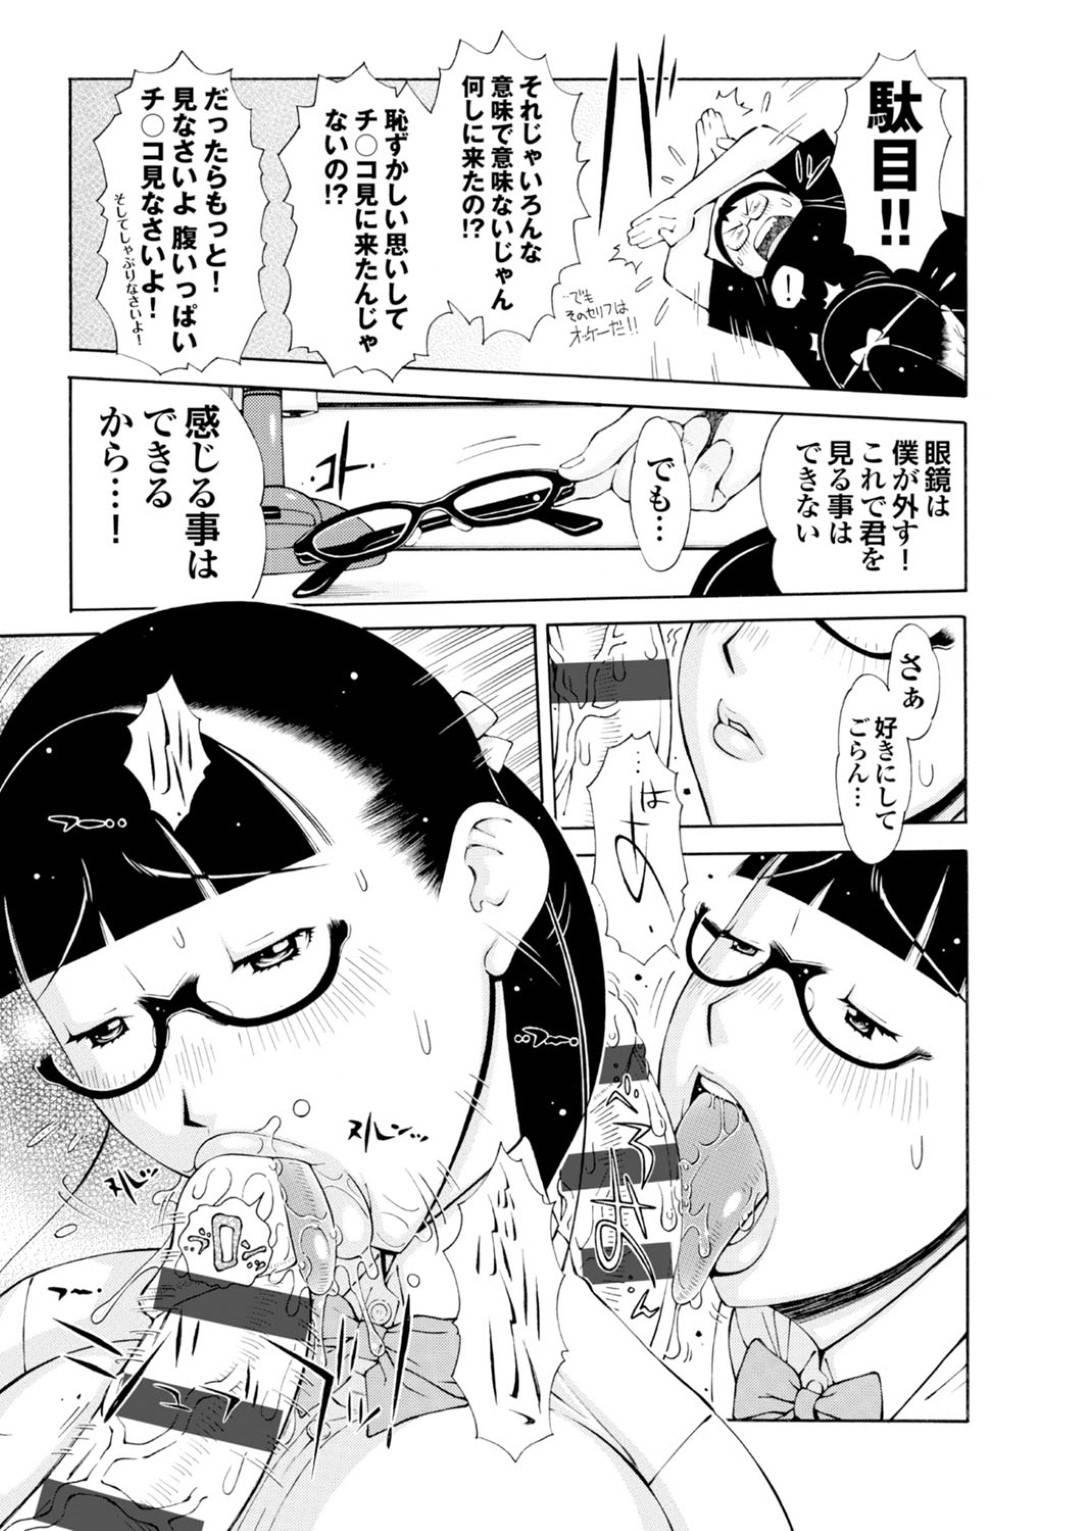 【エロ漫画】見たことのないチンポを見せるために友達の下宿人の男性に協力してもらいチンポを初めて見た巨乳メガネJK…流れでしゃぶってみることになり初めてのフェラをする!【鉄歩】